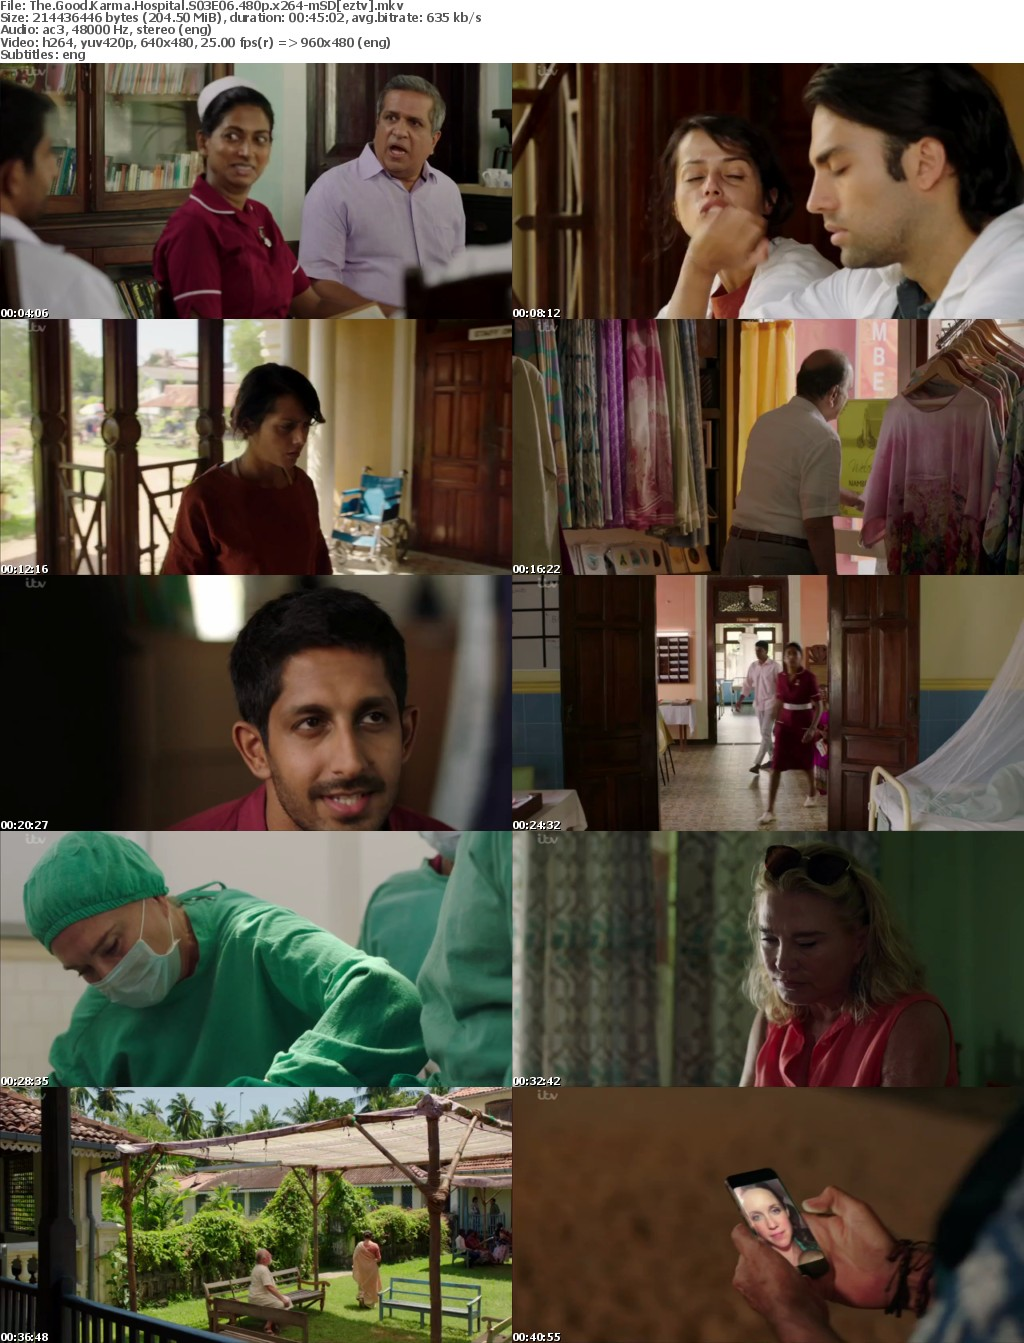 The Good Karma Hospital S03E06 480p x264-mSD